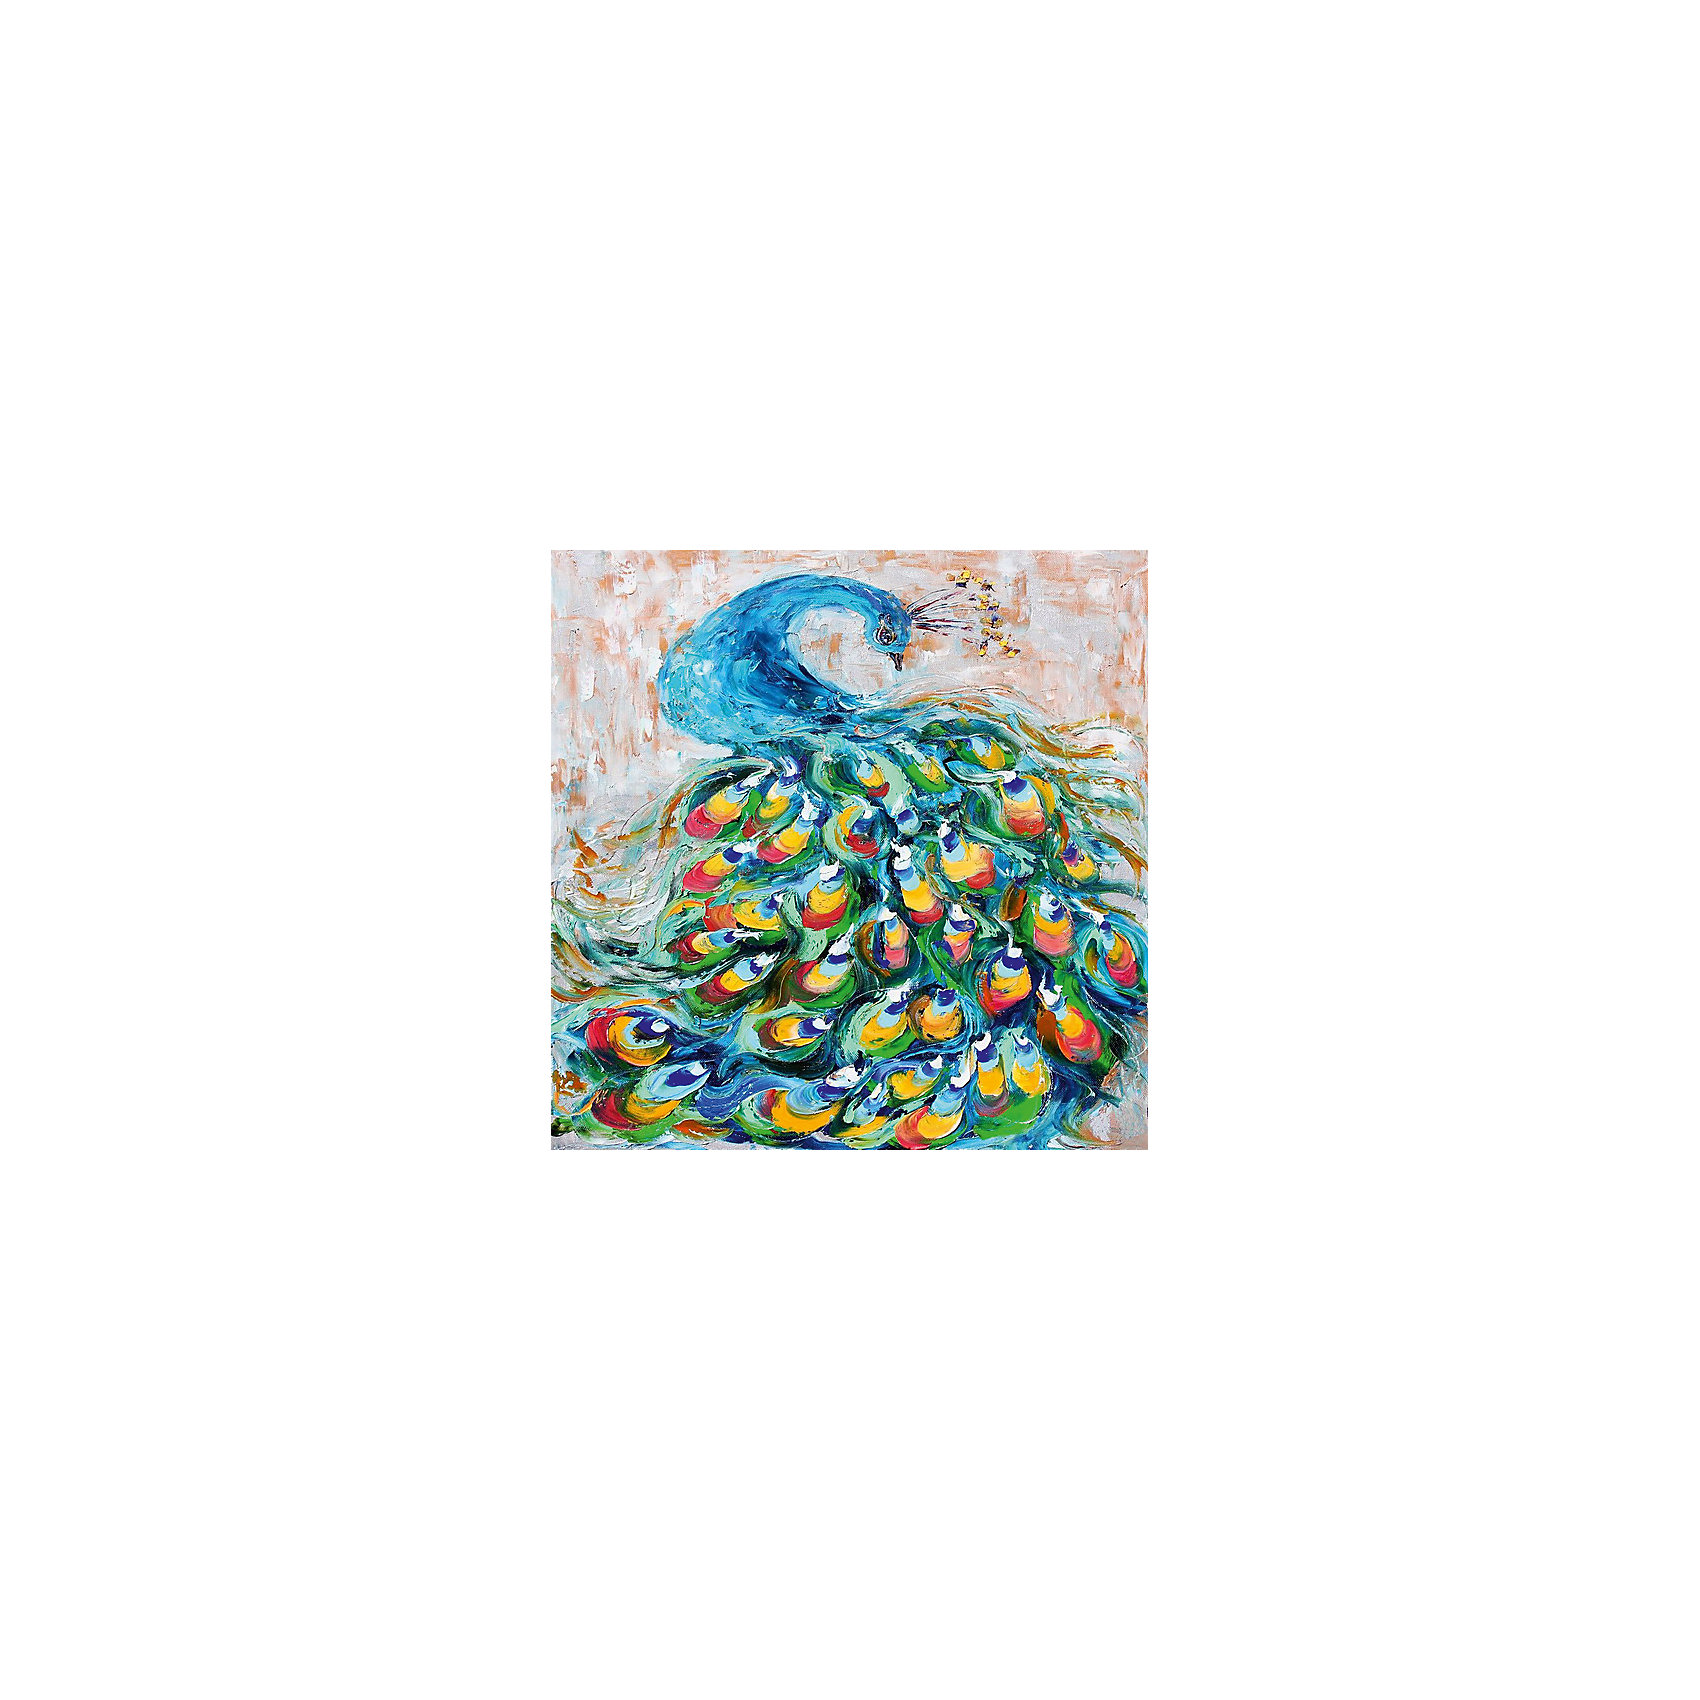 Картина - репродукция Павлин, Феникс-ПрезентДетские предметы интерьера<br>Картина - репродукция Павлин, Феникс-Презент <br><br>Характеристики:<br><br>• масляная печать на холсте<br>• дополнена ручной подрисовкой<br>• без рамки<br>• размер: 50х50х2,5 см<br><br>Картина-репродукция Павлин - прекрасный подарок для близкого человека. Она отлично впишется в интерьер помещения, добавит гармонии и внесет индивидуальность в атмосферу дома. Масляная печать на холсте дополняет ручная подрисовка красками. Размер картины - 50х50 сантиметров.<br><br>Картина - репродукция Павлин, Феникс-Презент вы можете купить в нашем интернет-магазине.<br><br>Ширина мм: 500<br>Глубина мм: 500<br>Высота мм: 250<br>Вес г: 355<br>Возраст от месяцев: -2147483648<br>Возраст до месяцев: 2147483647<br>Пол: Унисекс<br>Возраст: Детский<br>SKU: 5449543